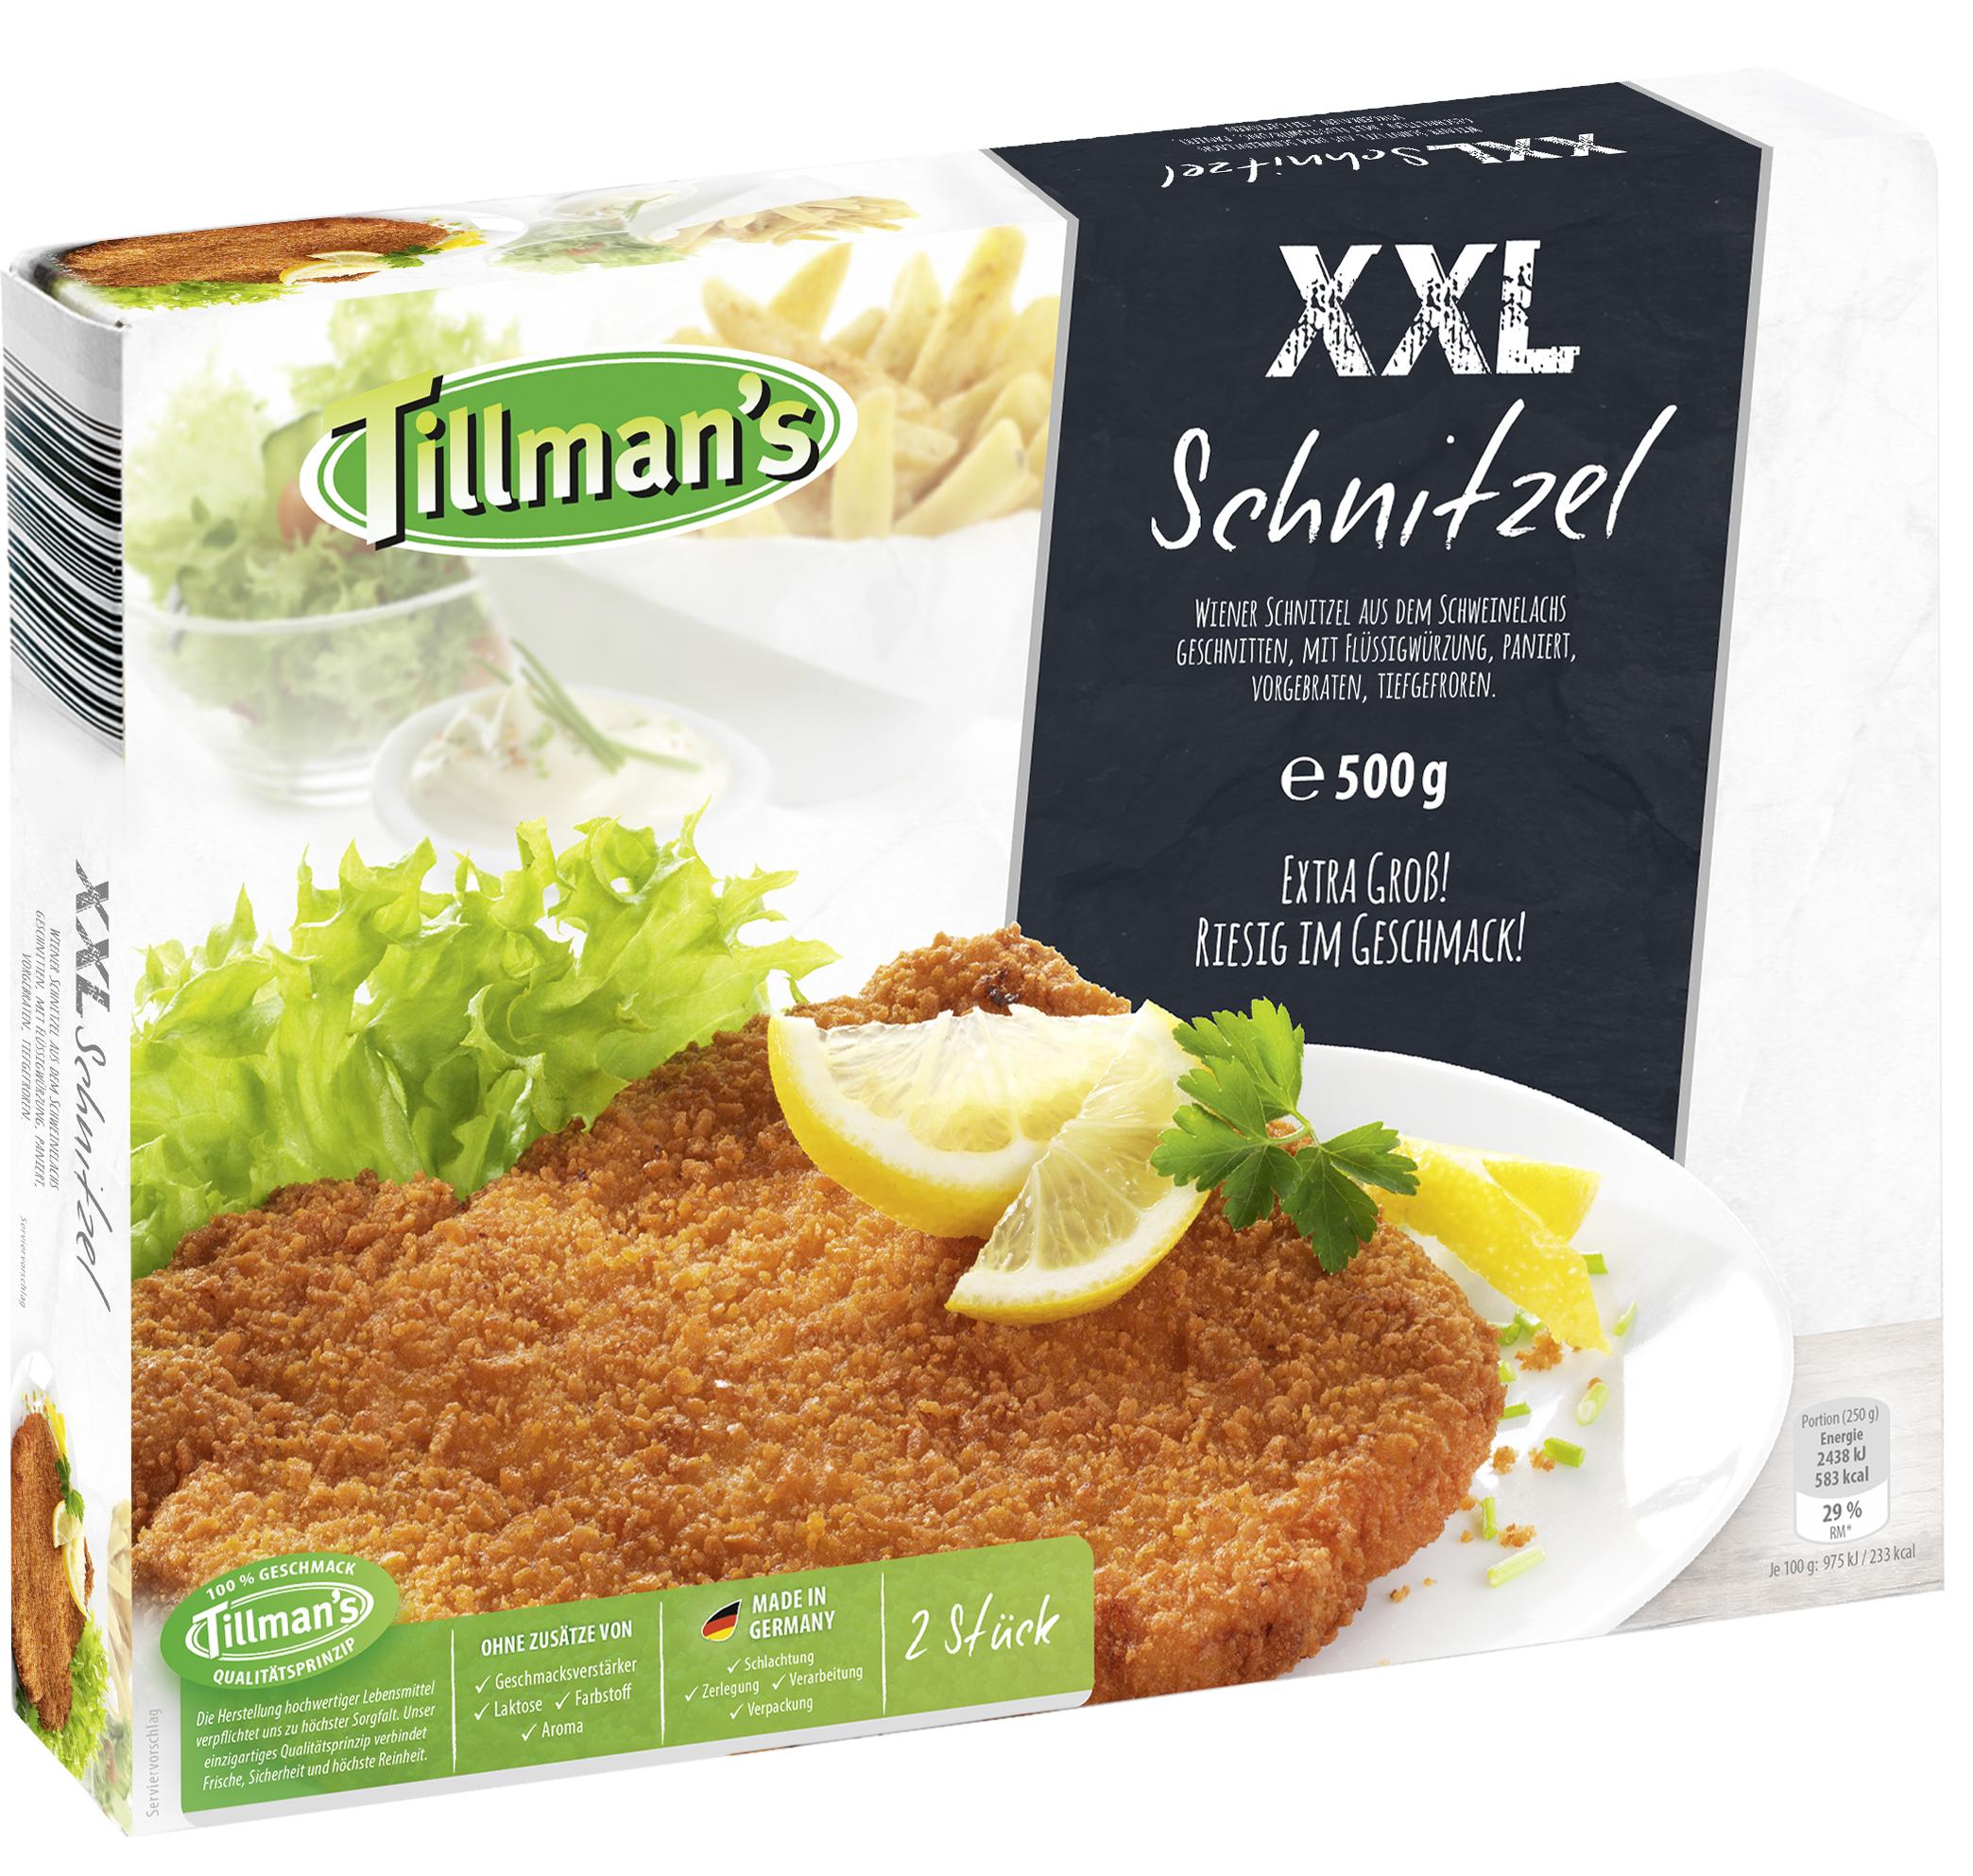 xxl schnitzel vom schwein nach wiener art tk 2 x 250 gramm tillman 39 s convenience gmbh. Black Bedroom Furniture Sets. Home Design Ideas